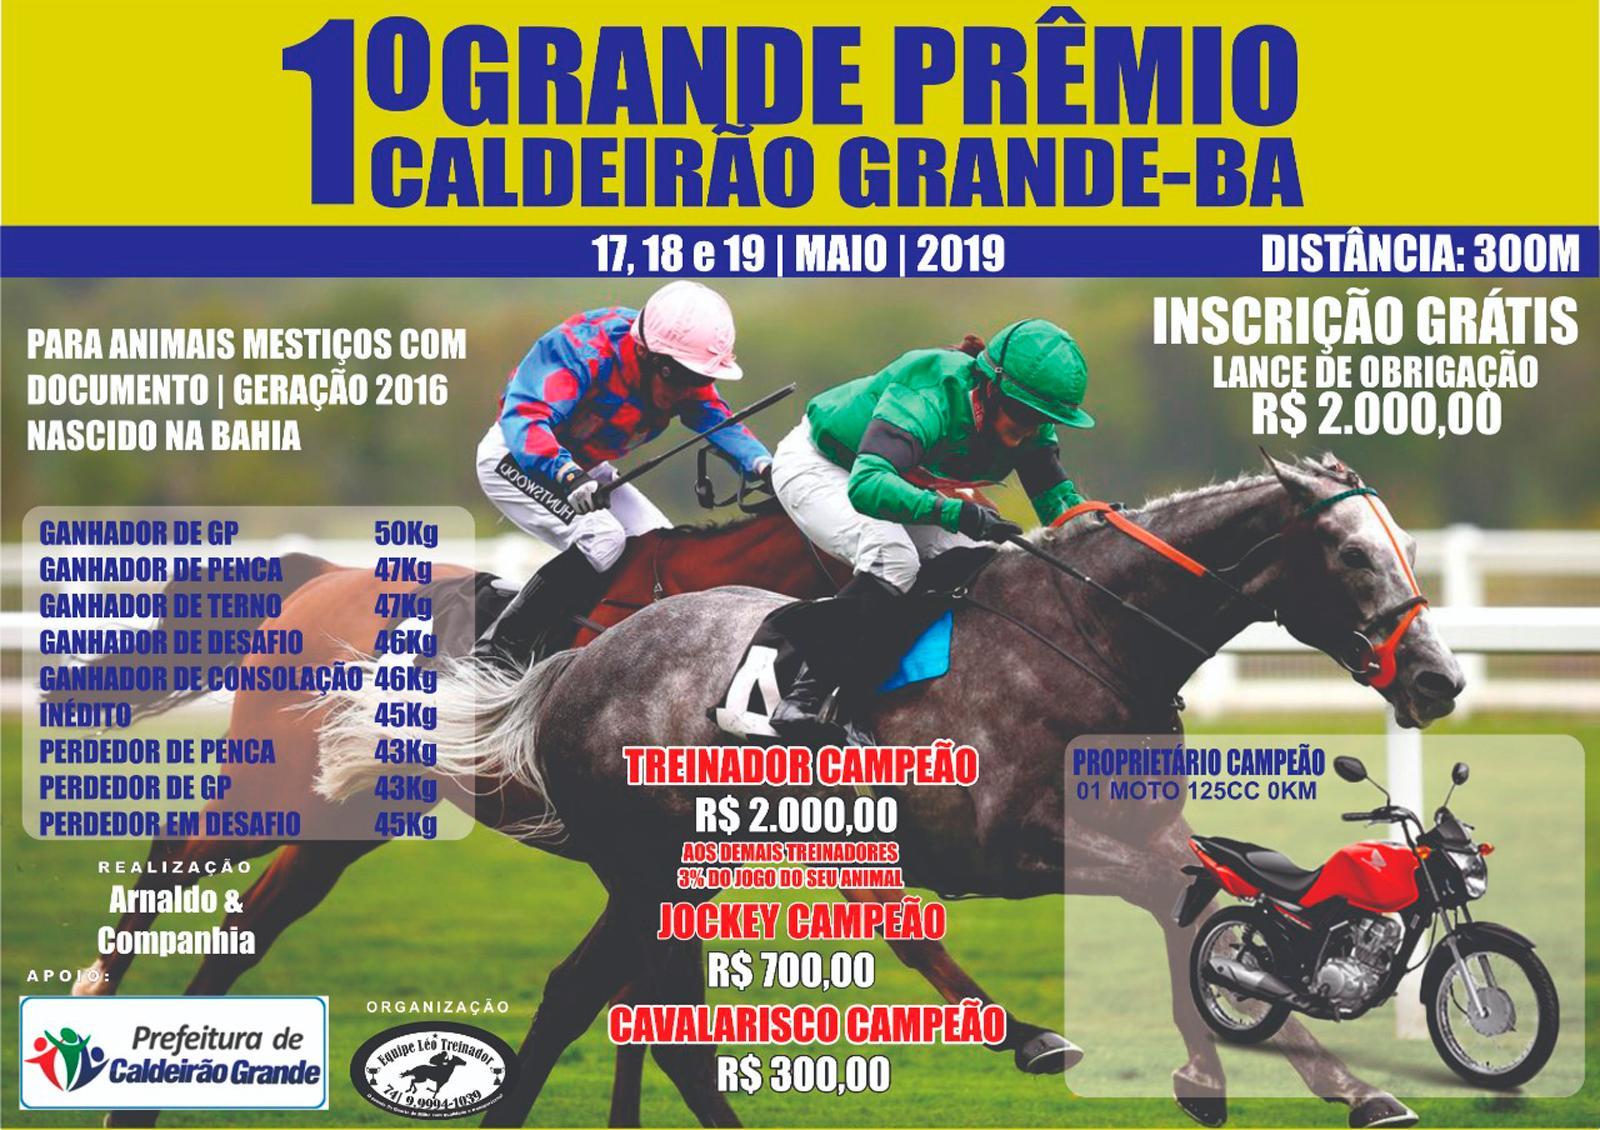 1º GP CALDEIRÃO GRANDE-BA